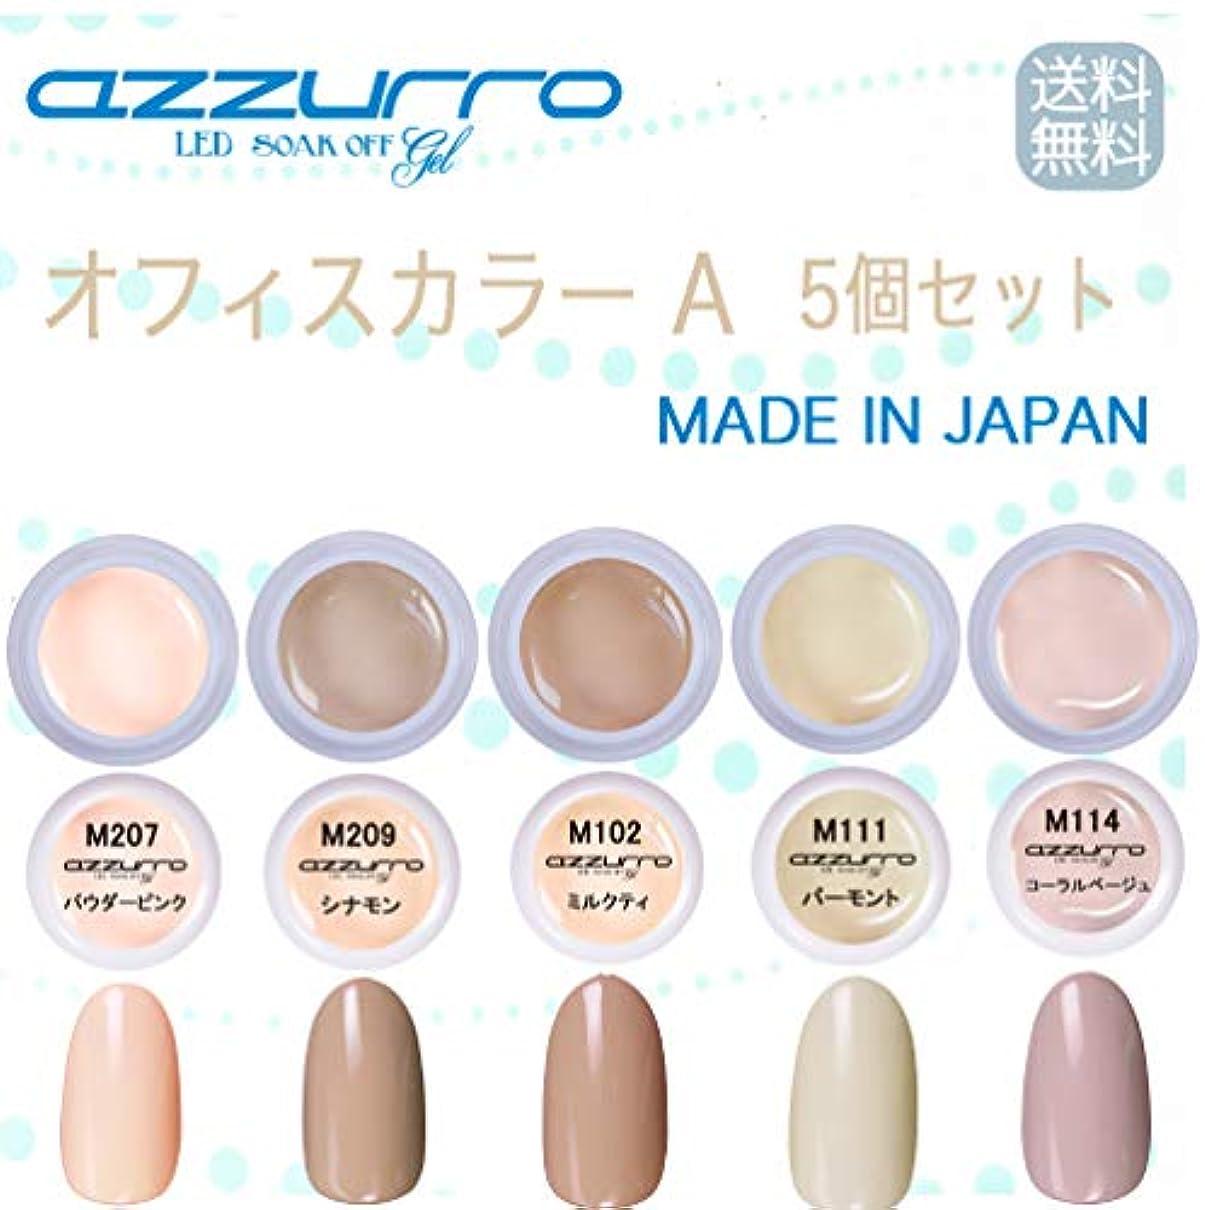 事実上試験スペース【送料無料】日本製 azzurro gel オフィスカラージェルA5個セット オフィスでも人気のカラーをセット